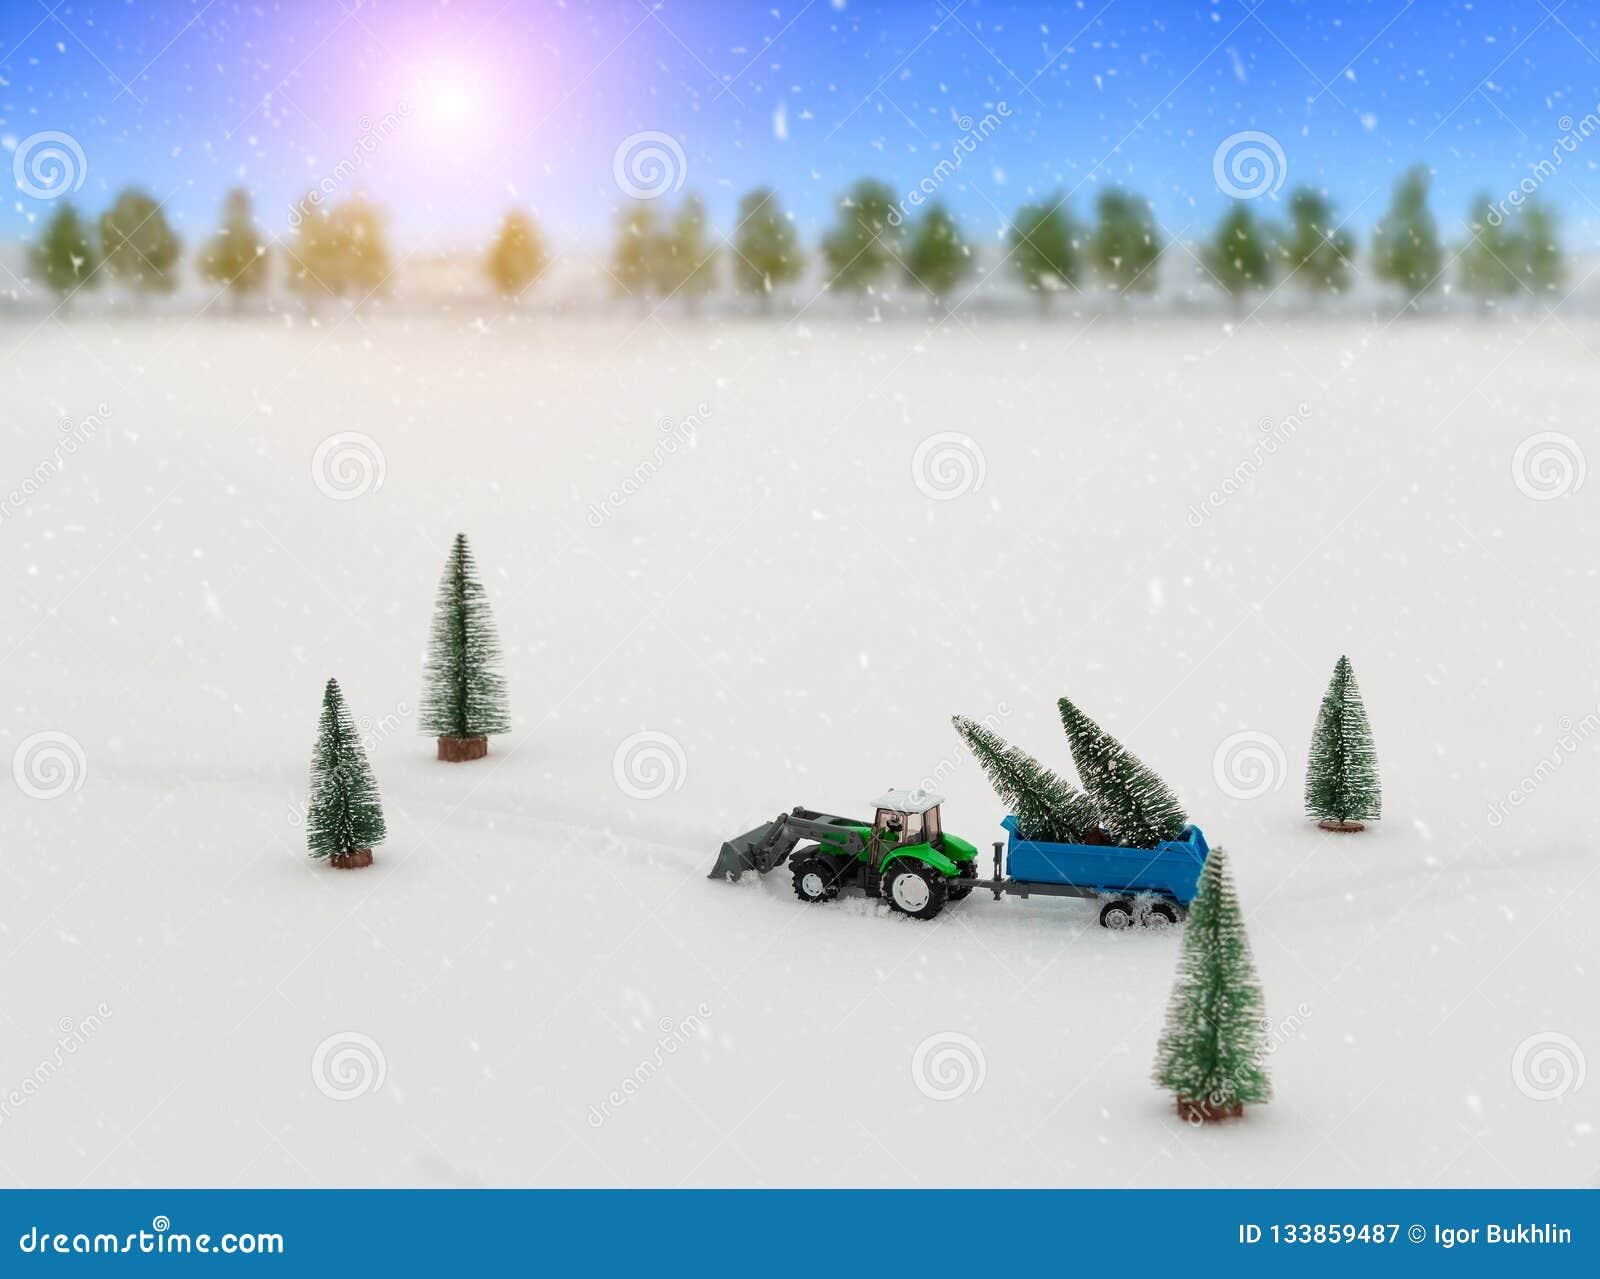 El tractor del juguete con un remolque lleva los árboles de navidad durante las nevadas, paseos a través de la nieve en el medio